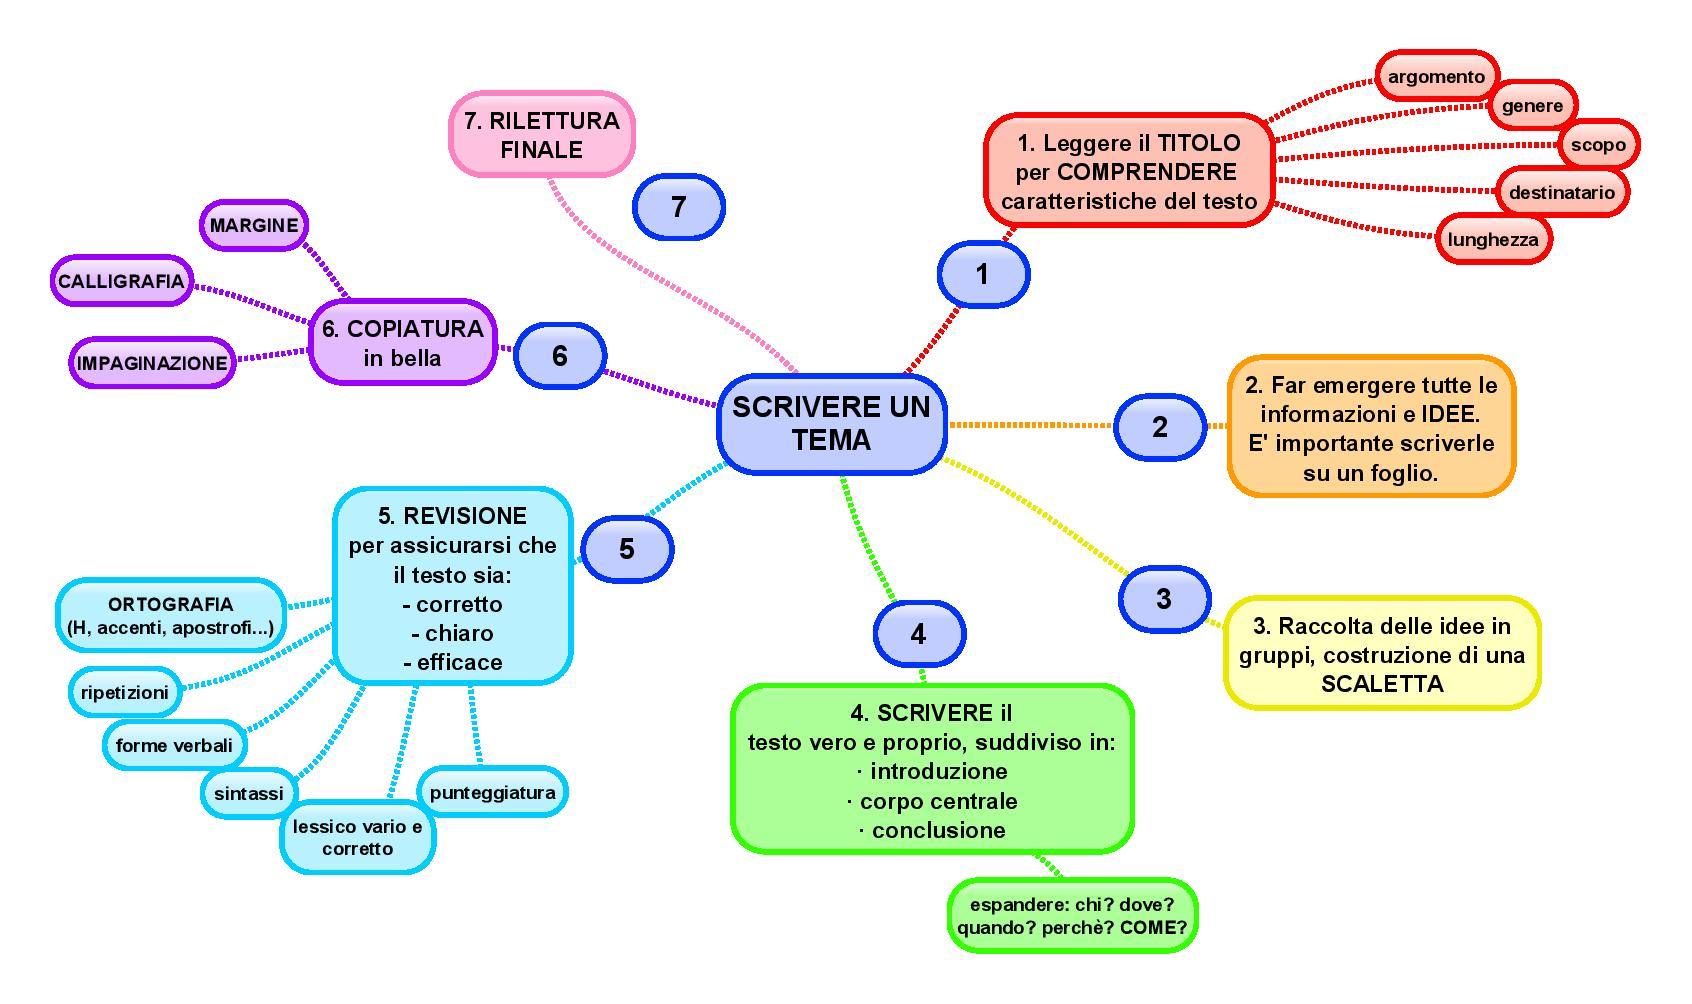 Come scrivere un tema diario di una pensatrice for Esame di italiano per carta di soggiorno esempi